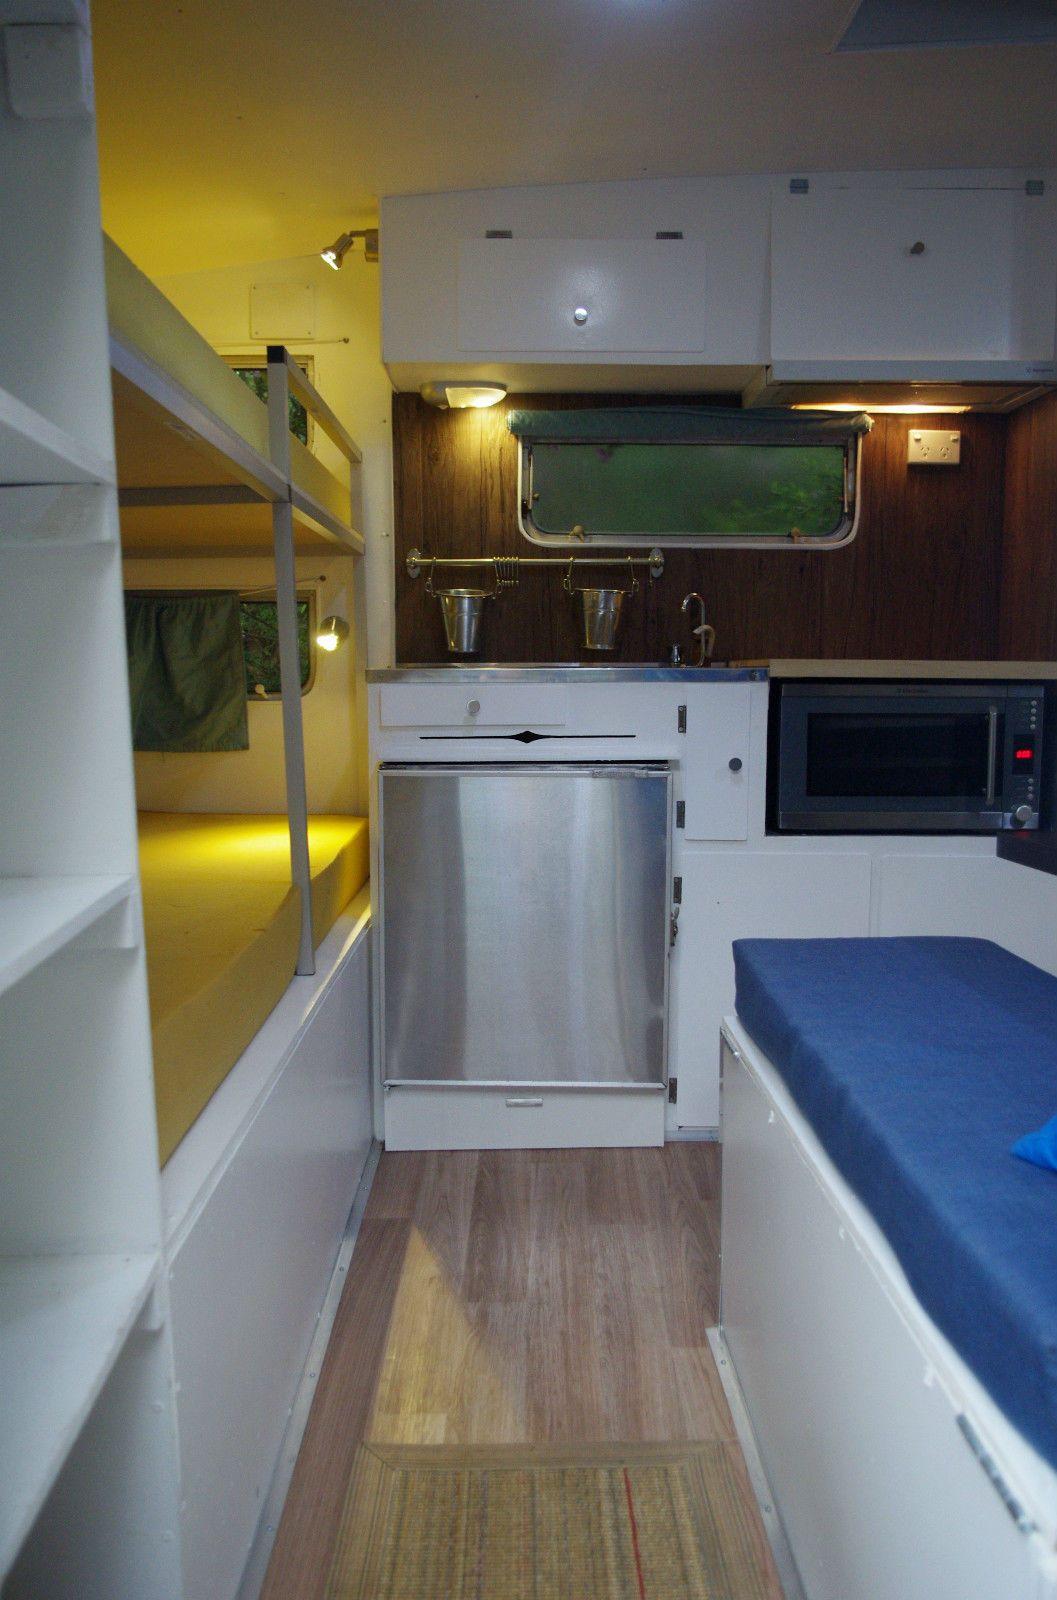 16 foot 1970s viscount caravan renovated interior. Black Bedroom Furniture Sets. Home Design Ideas